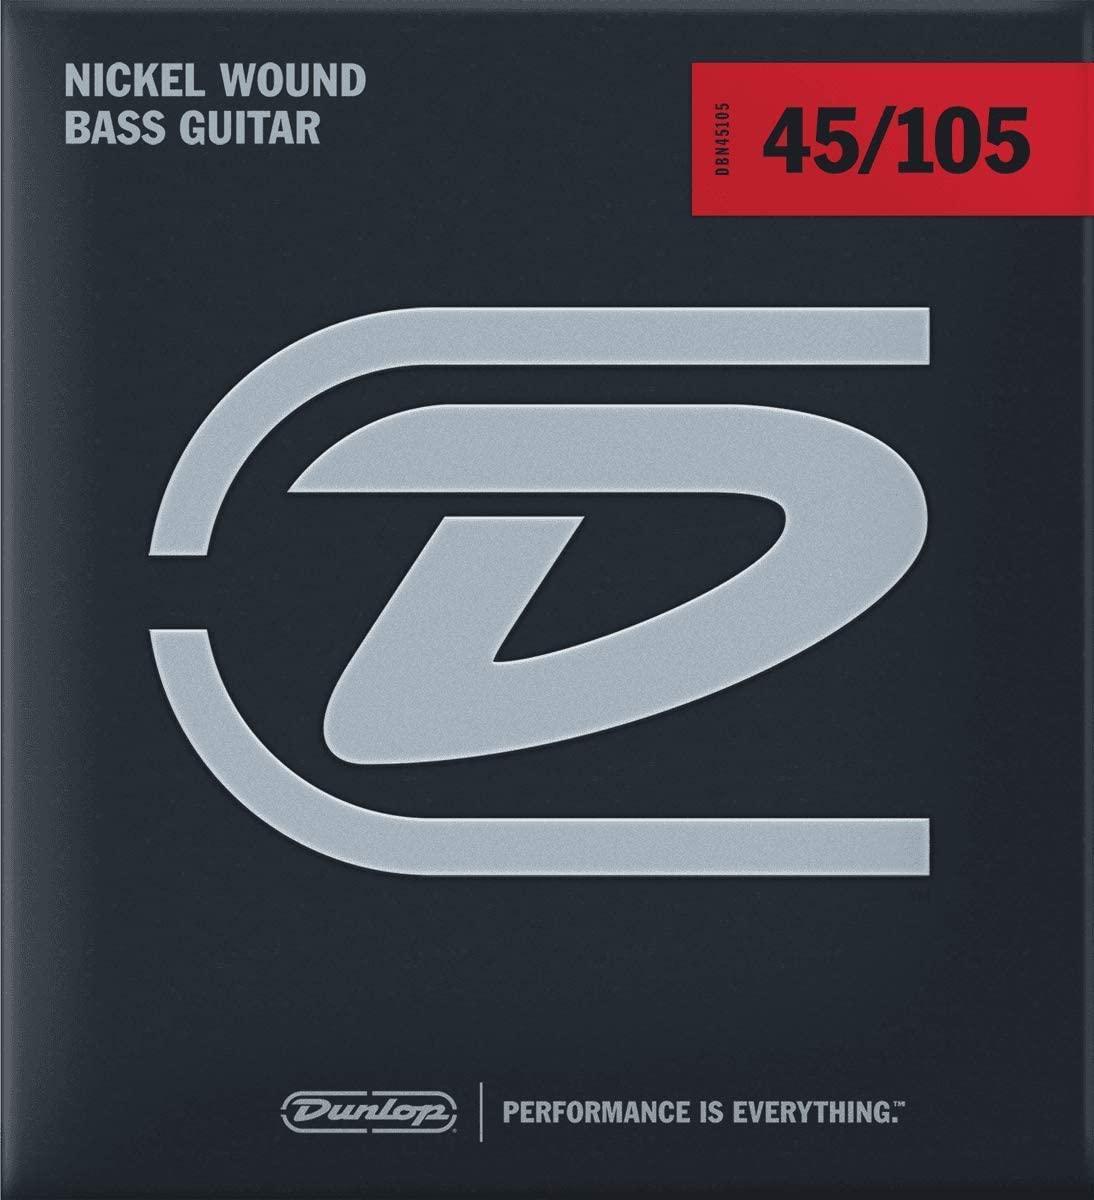 Комплект струн для бас-гитары, никелированные, Medium Light, 45-105, Dunlop DBN45105